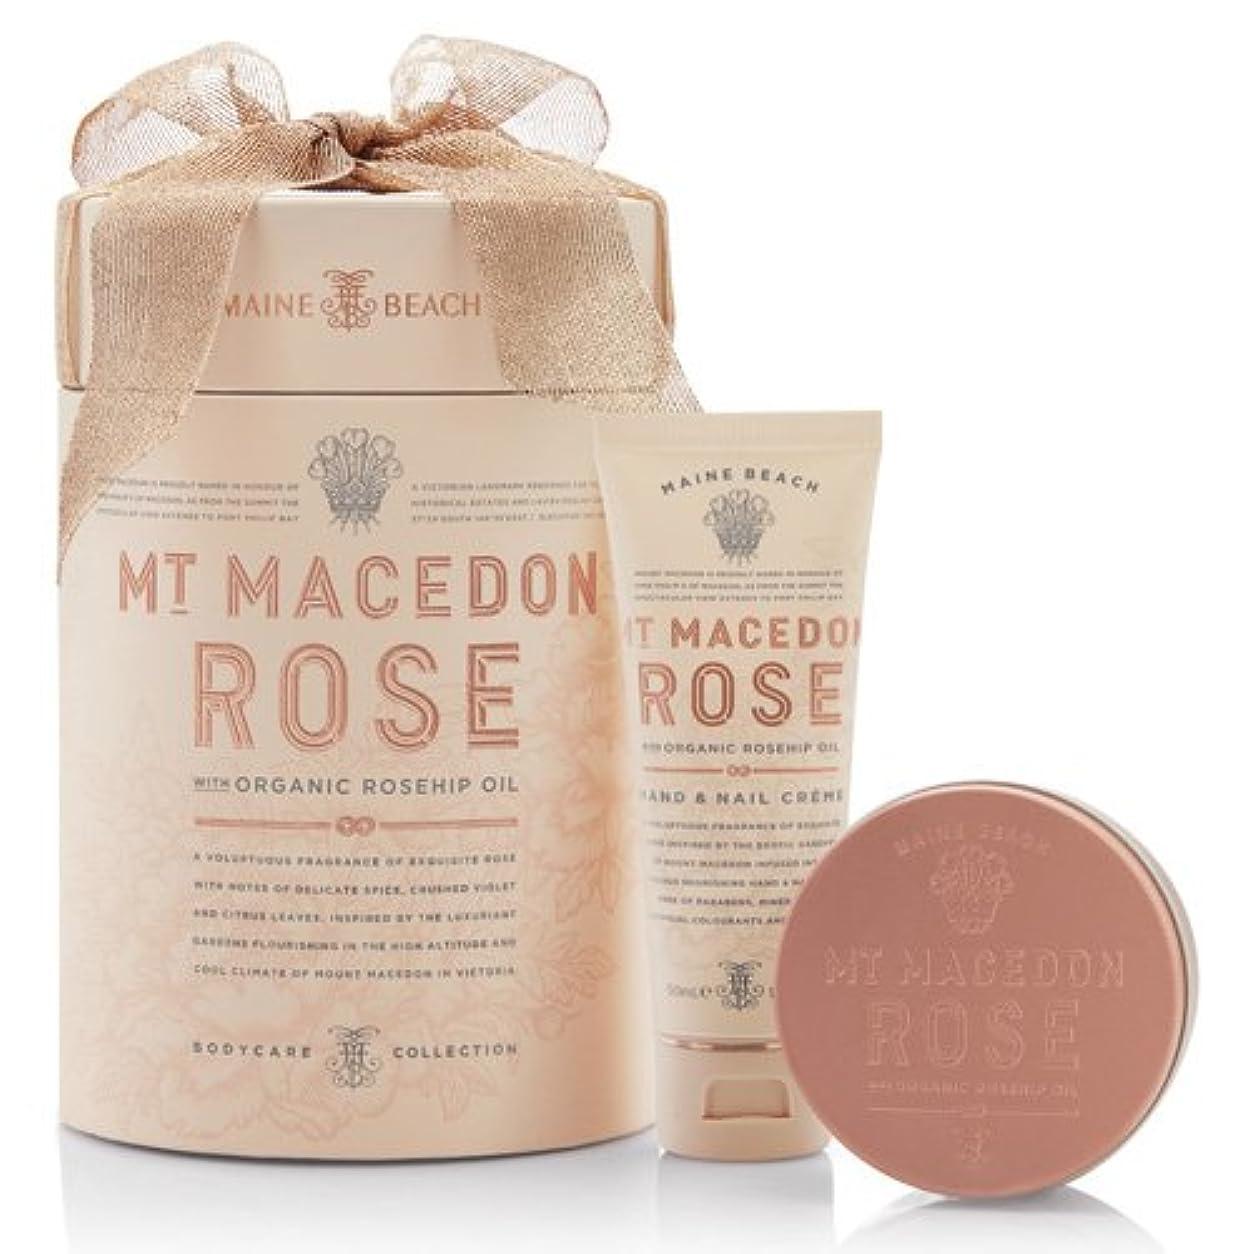 征服するモンスター診断するMAINE BEACH マインビーチ MT MACEDON ROSE マウント マセドン ローズ Duo Gift Pack